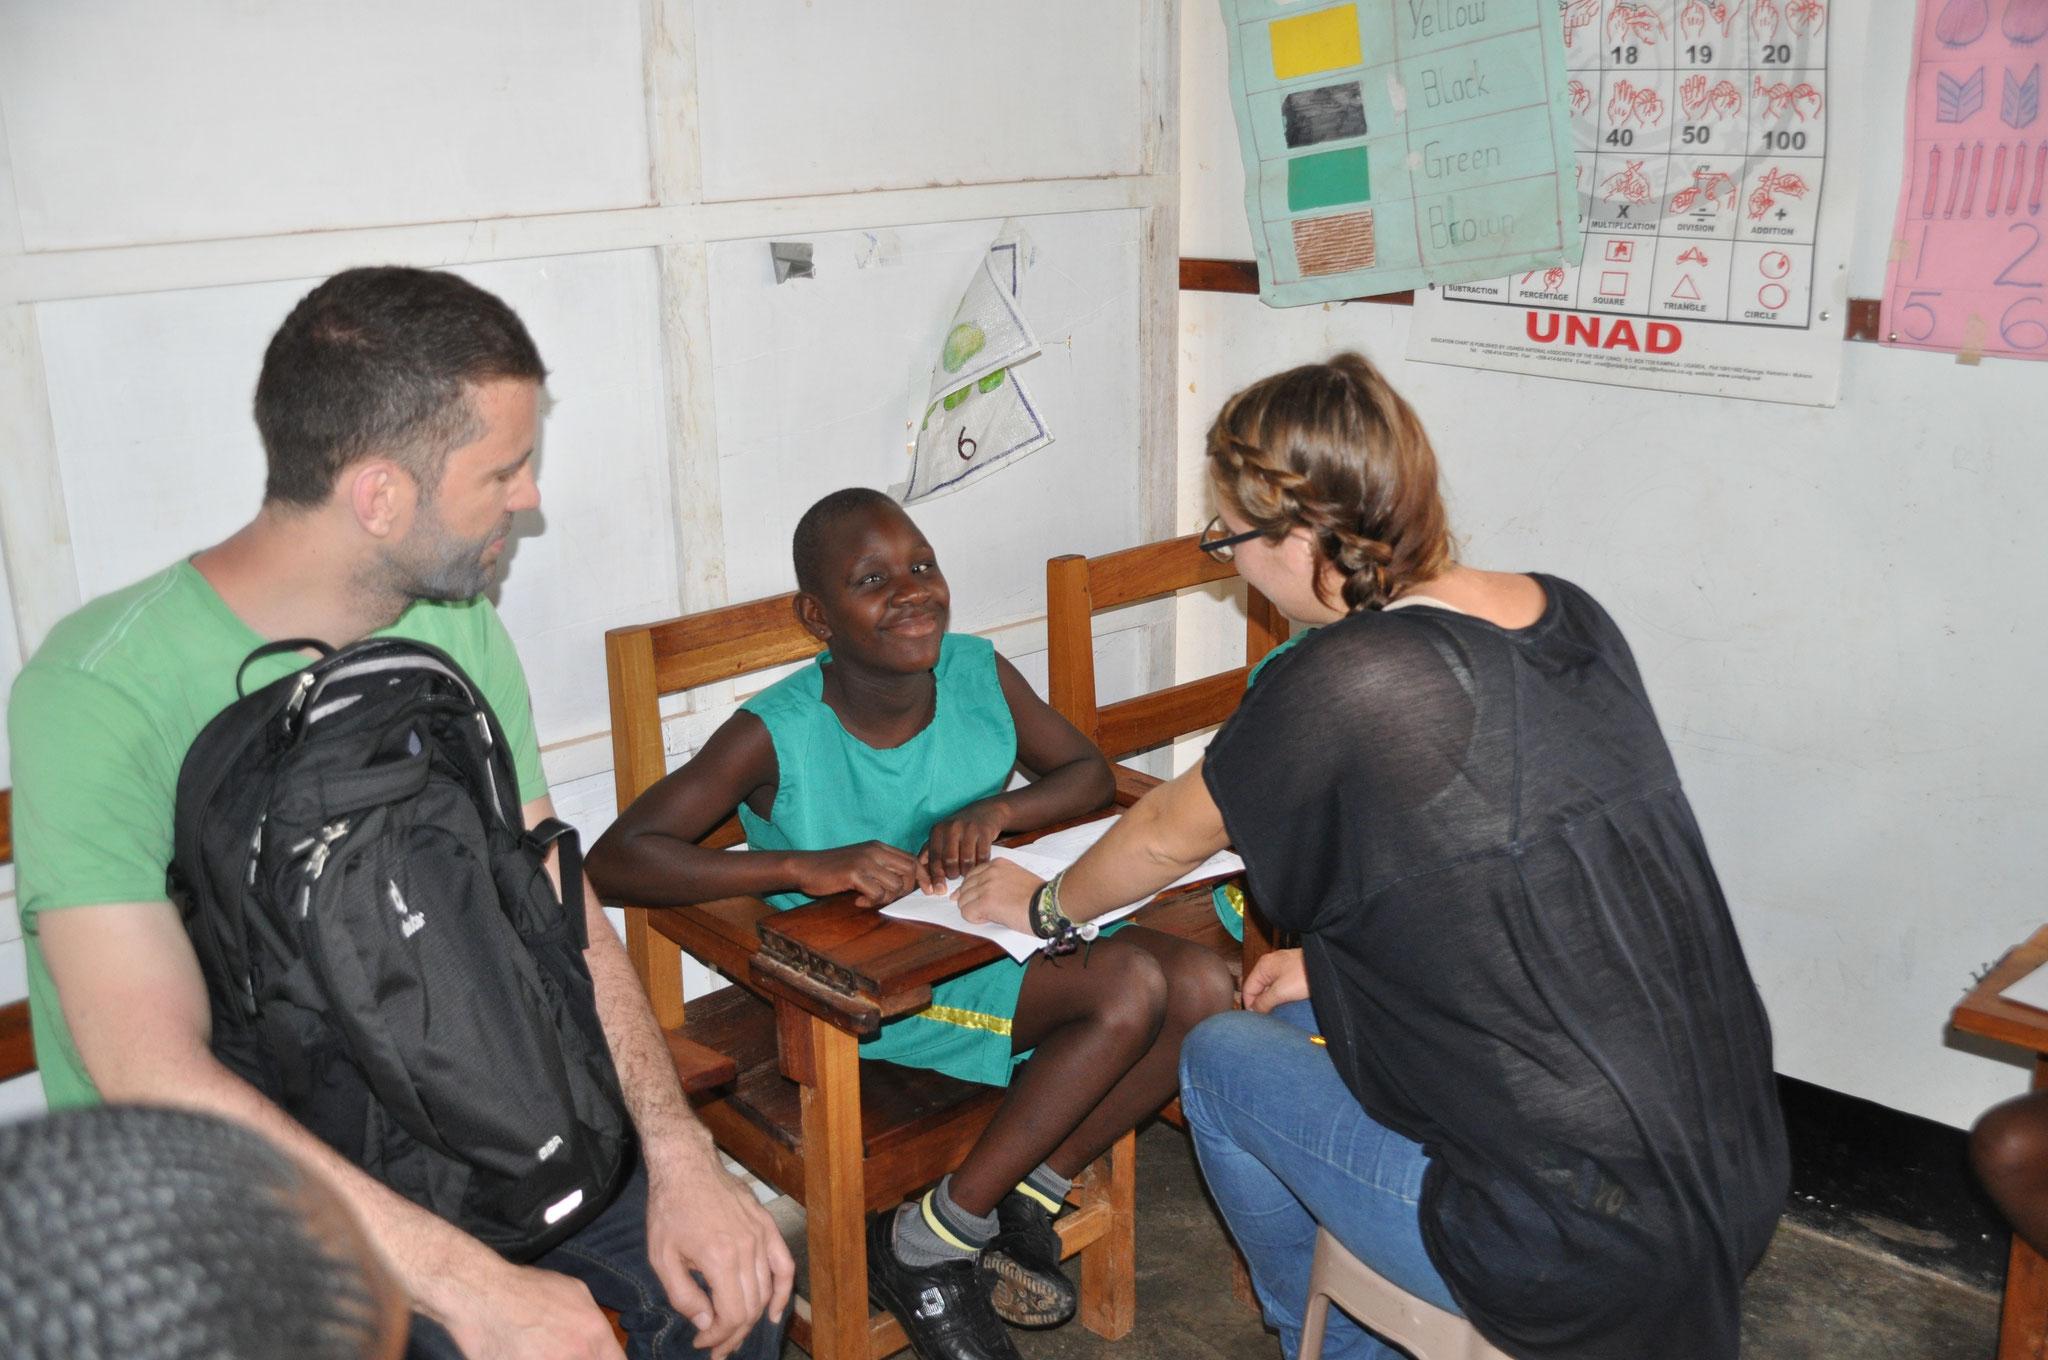 Winfried schaut Jenny dabei zu, wie sie die Kinder der Taub-Blinden-Schule unterrichtet